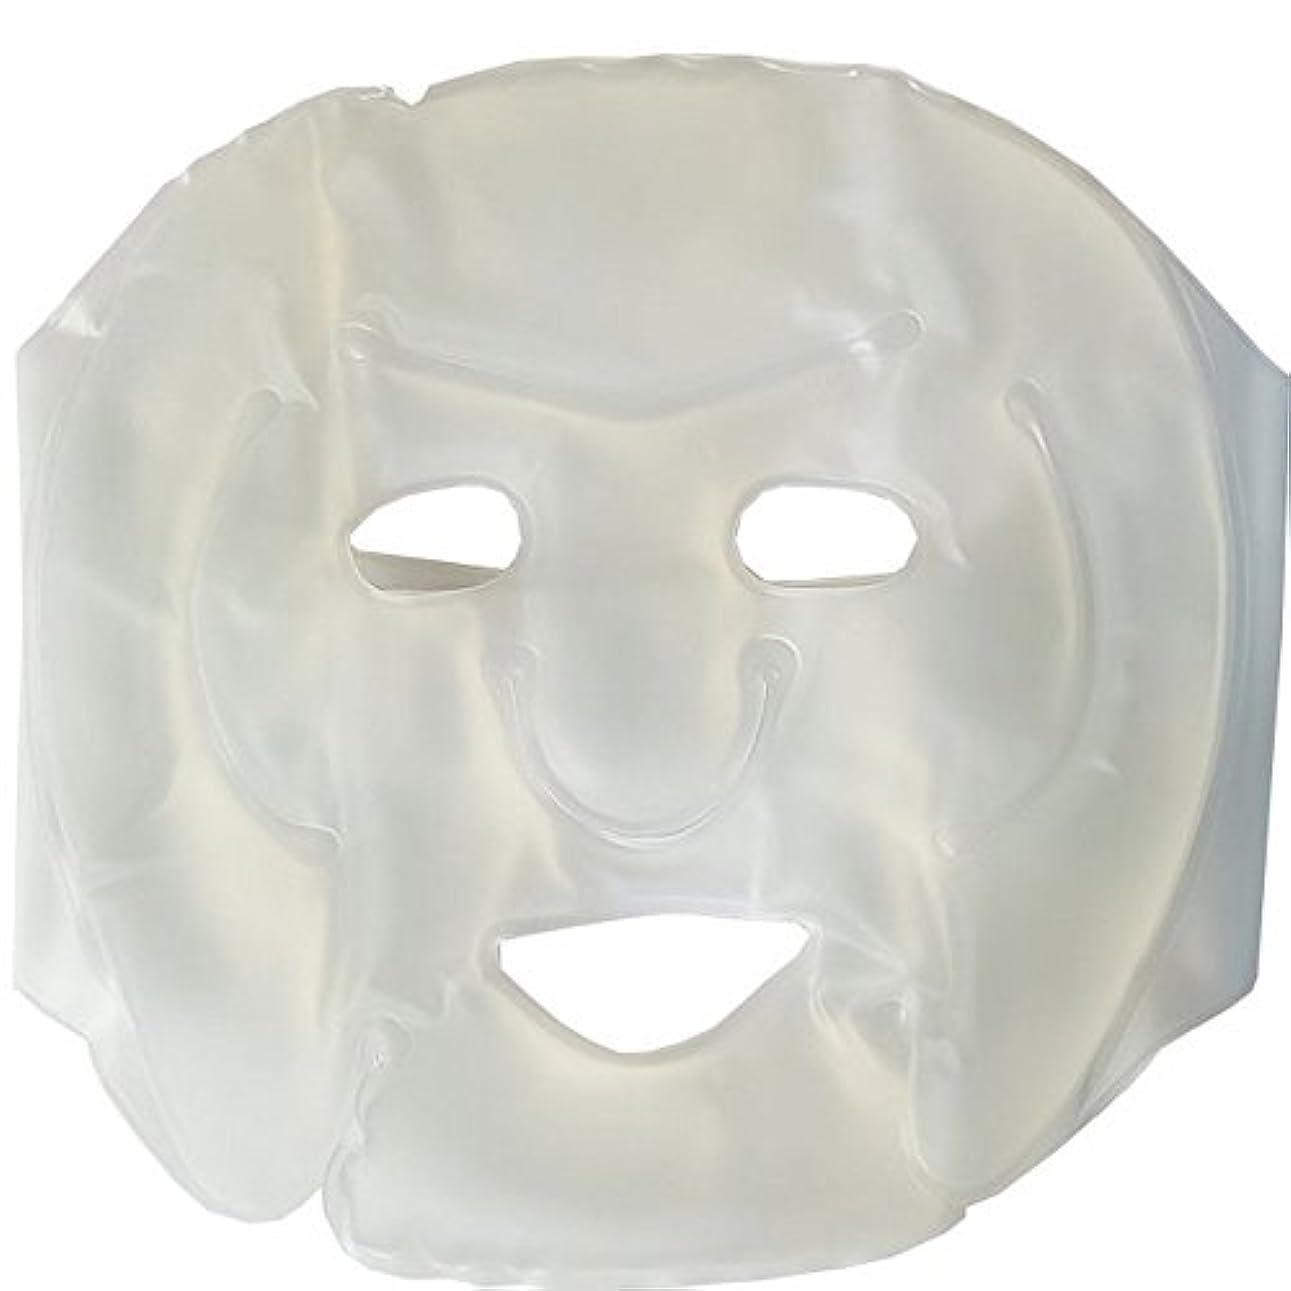 構造ルーム囲いMDP 顔マッサージジェルマスク アイスジェルパック 冷却パック アイスマスク アイスパック レーザー後の鎮静に グリーン